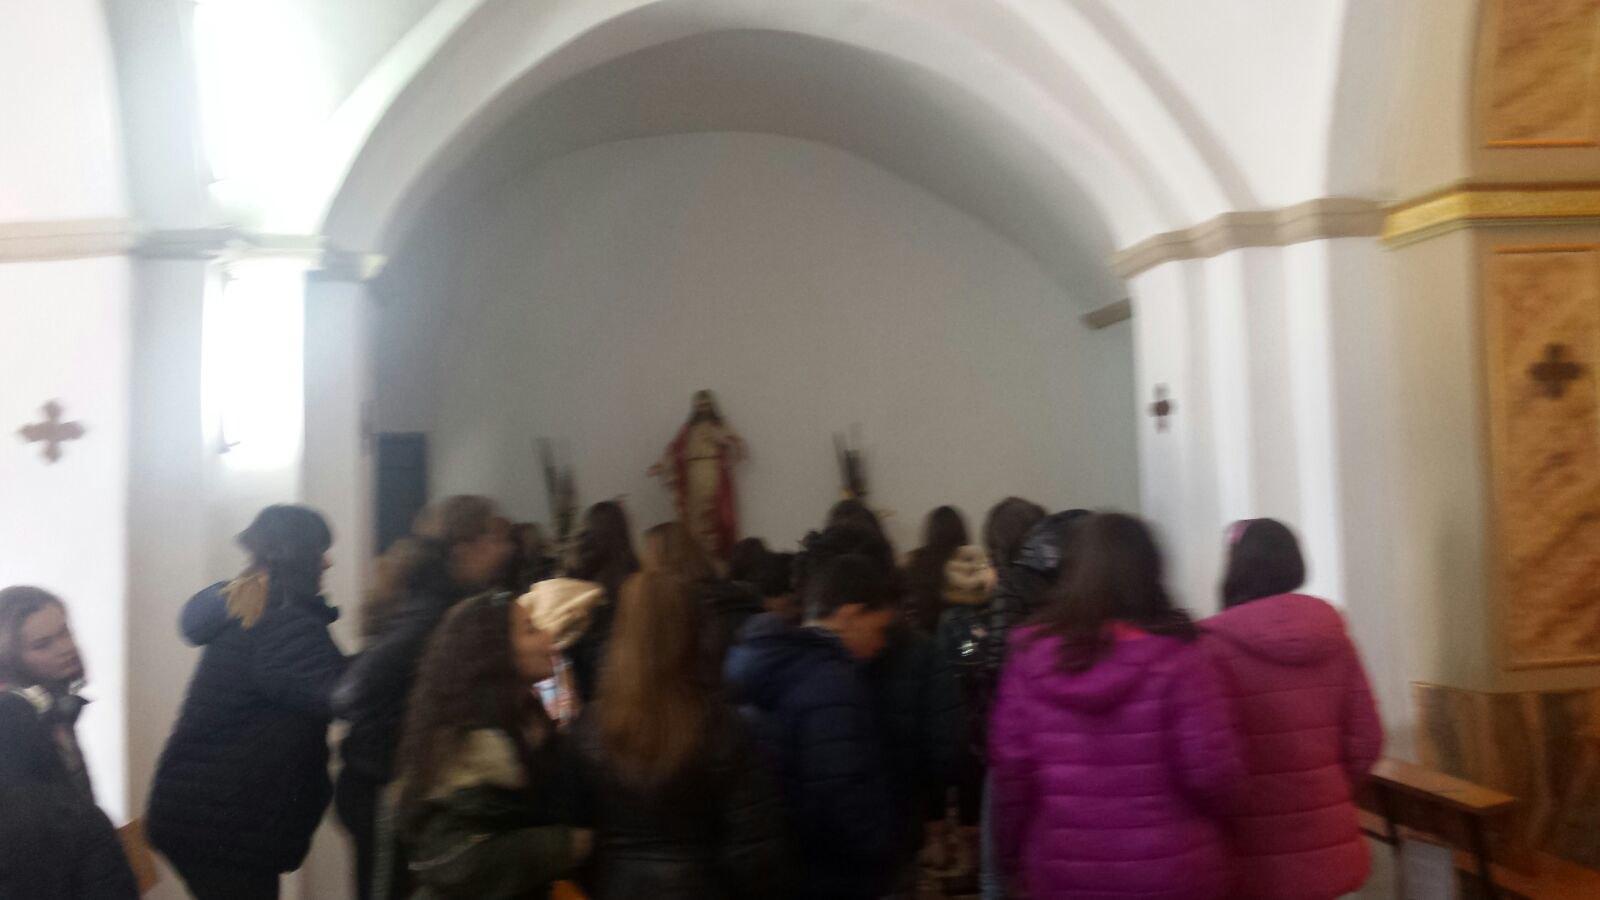 (2018-03-19) - Visita ermita alumnos Yolada-Pilar,6º, Virrey Poveda-9 de Octubre - Maria Isabel Berenquer Brotons - (04)